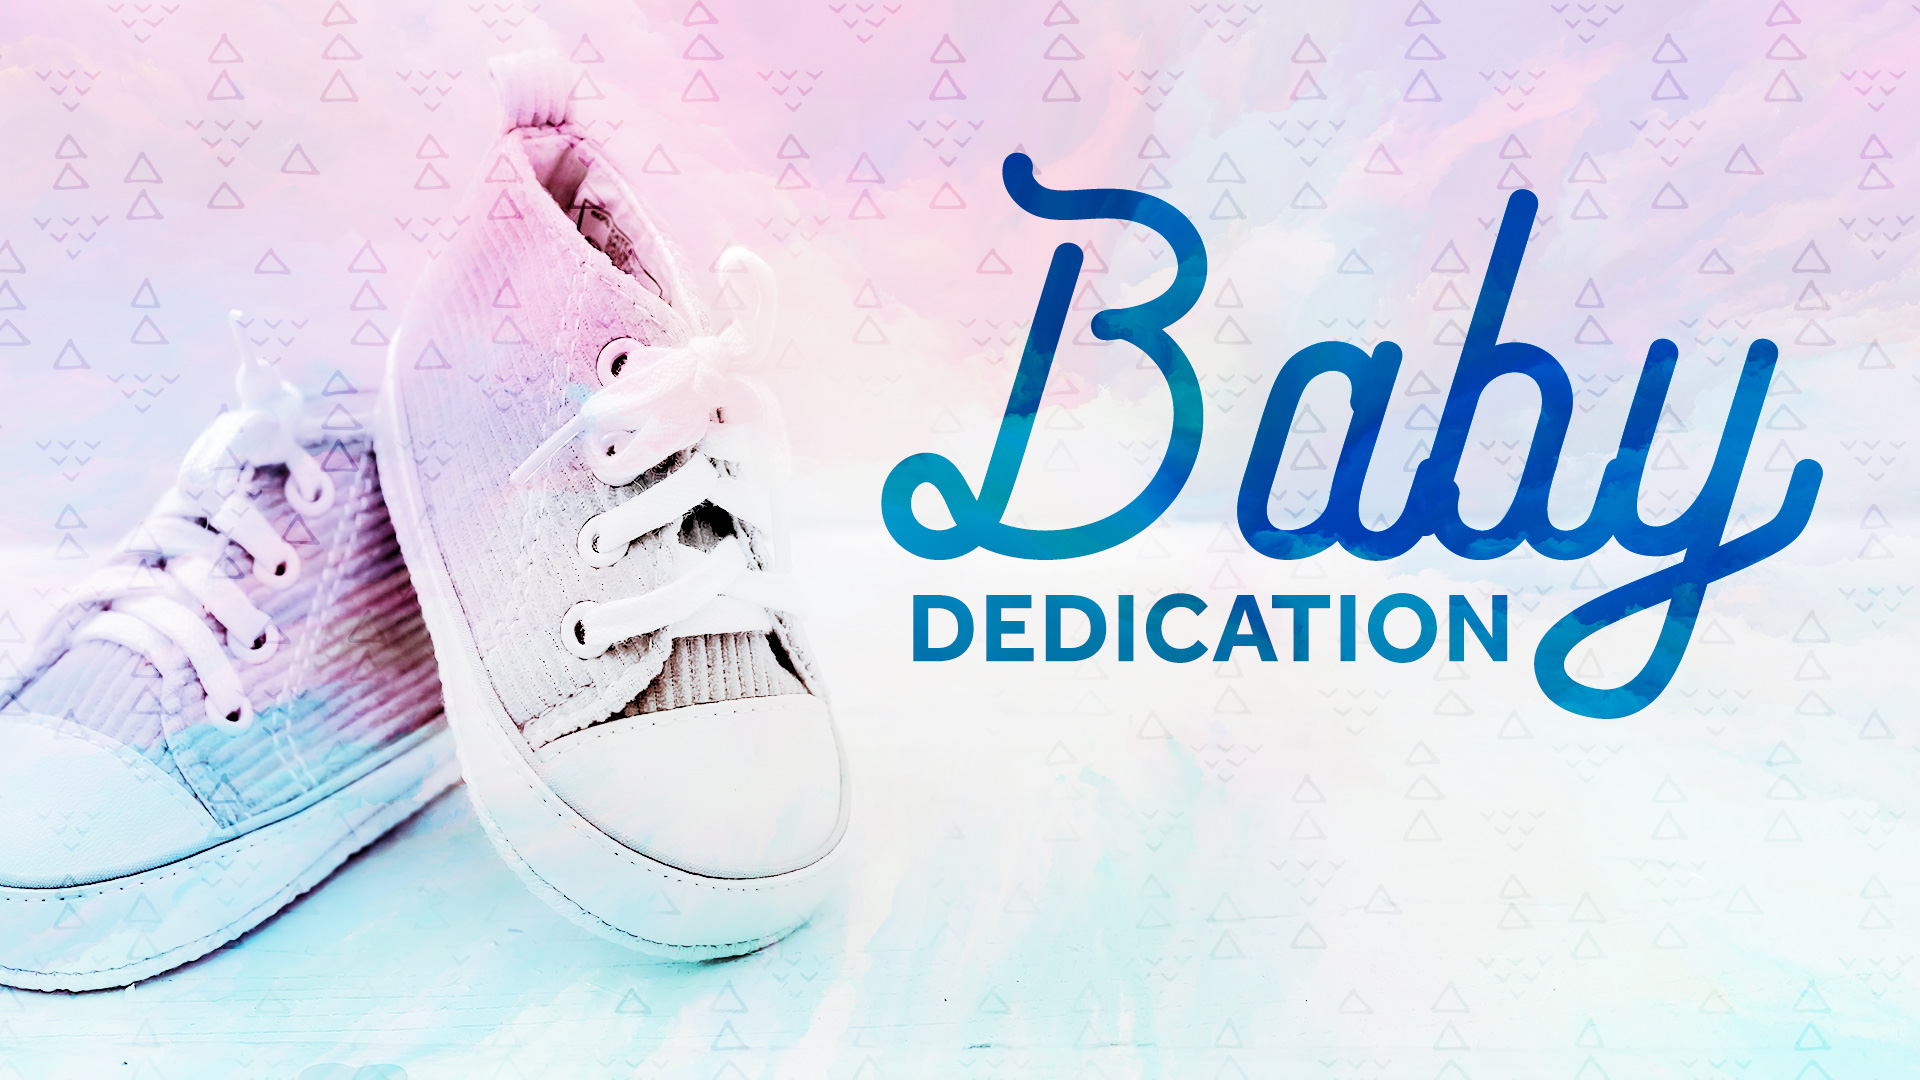 Babydedication file